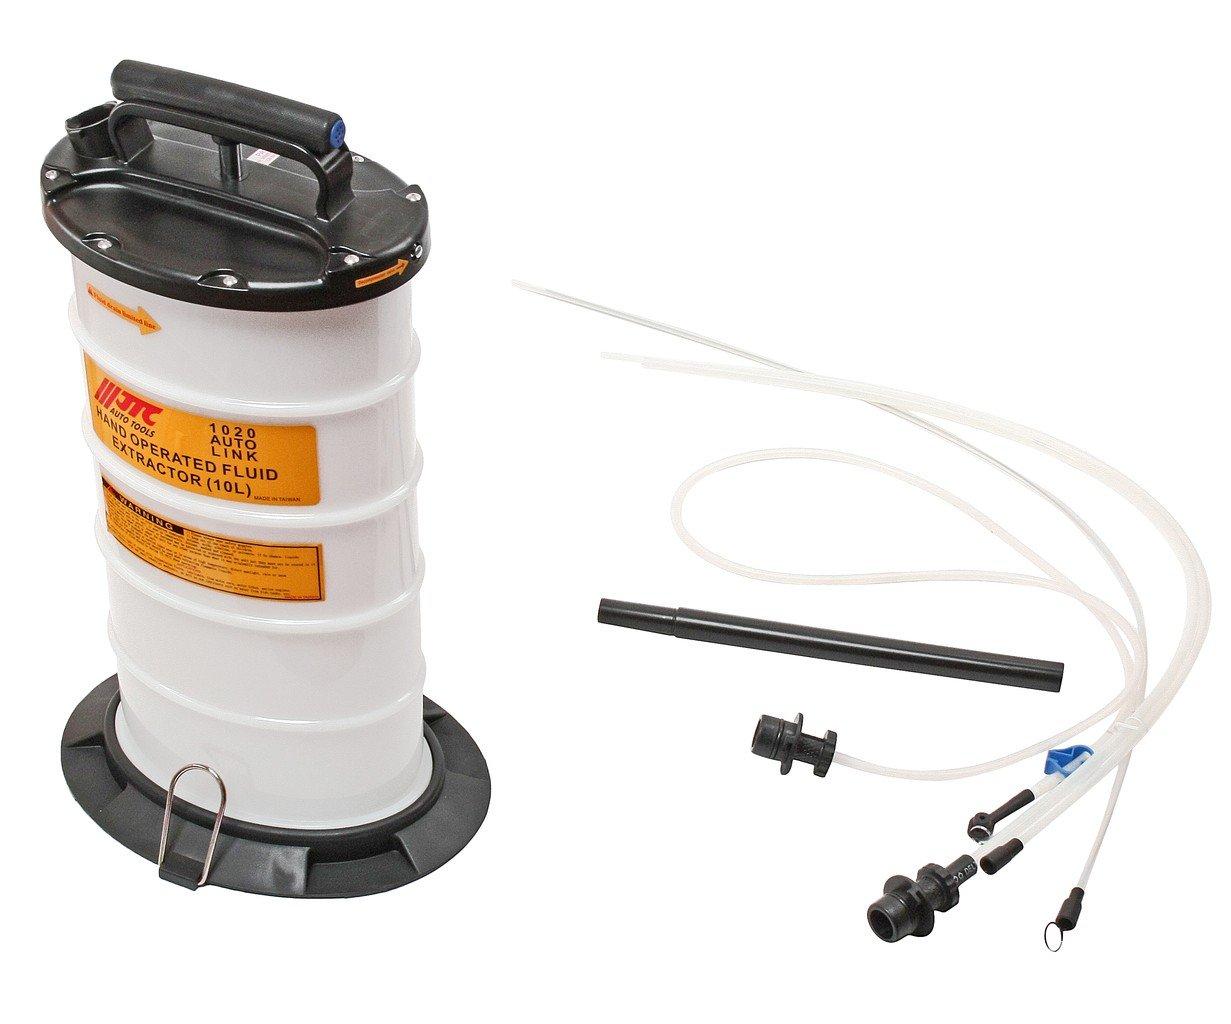 JTC-1020 Приспособление для технических жидкостей с ручным приводом, емкость 10л